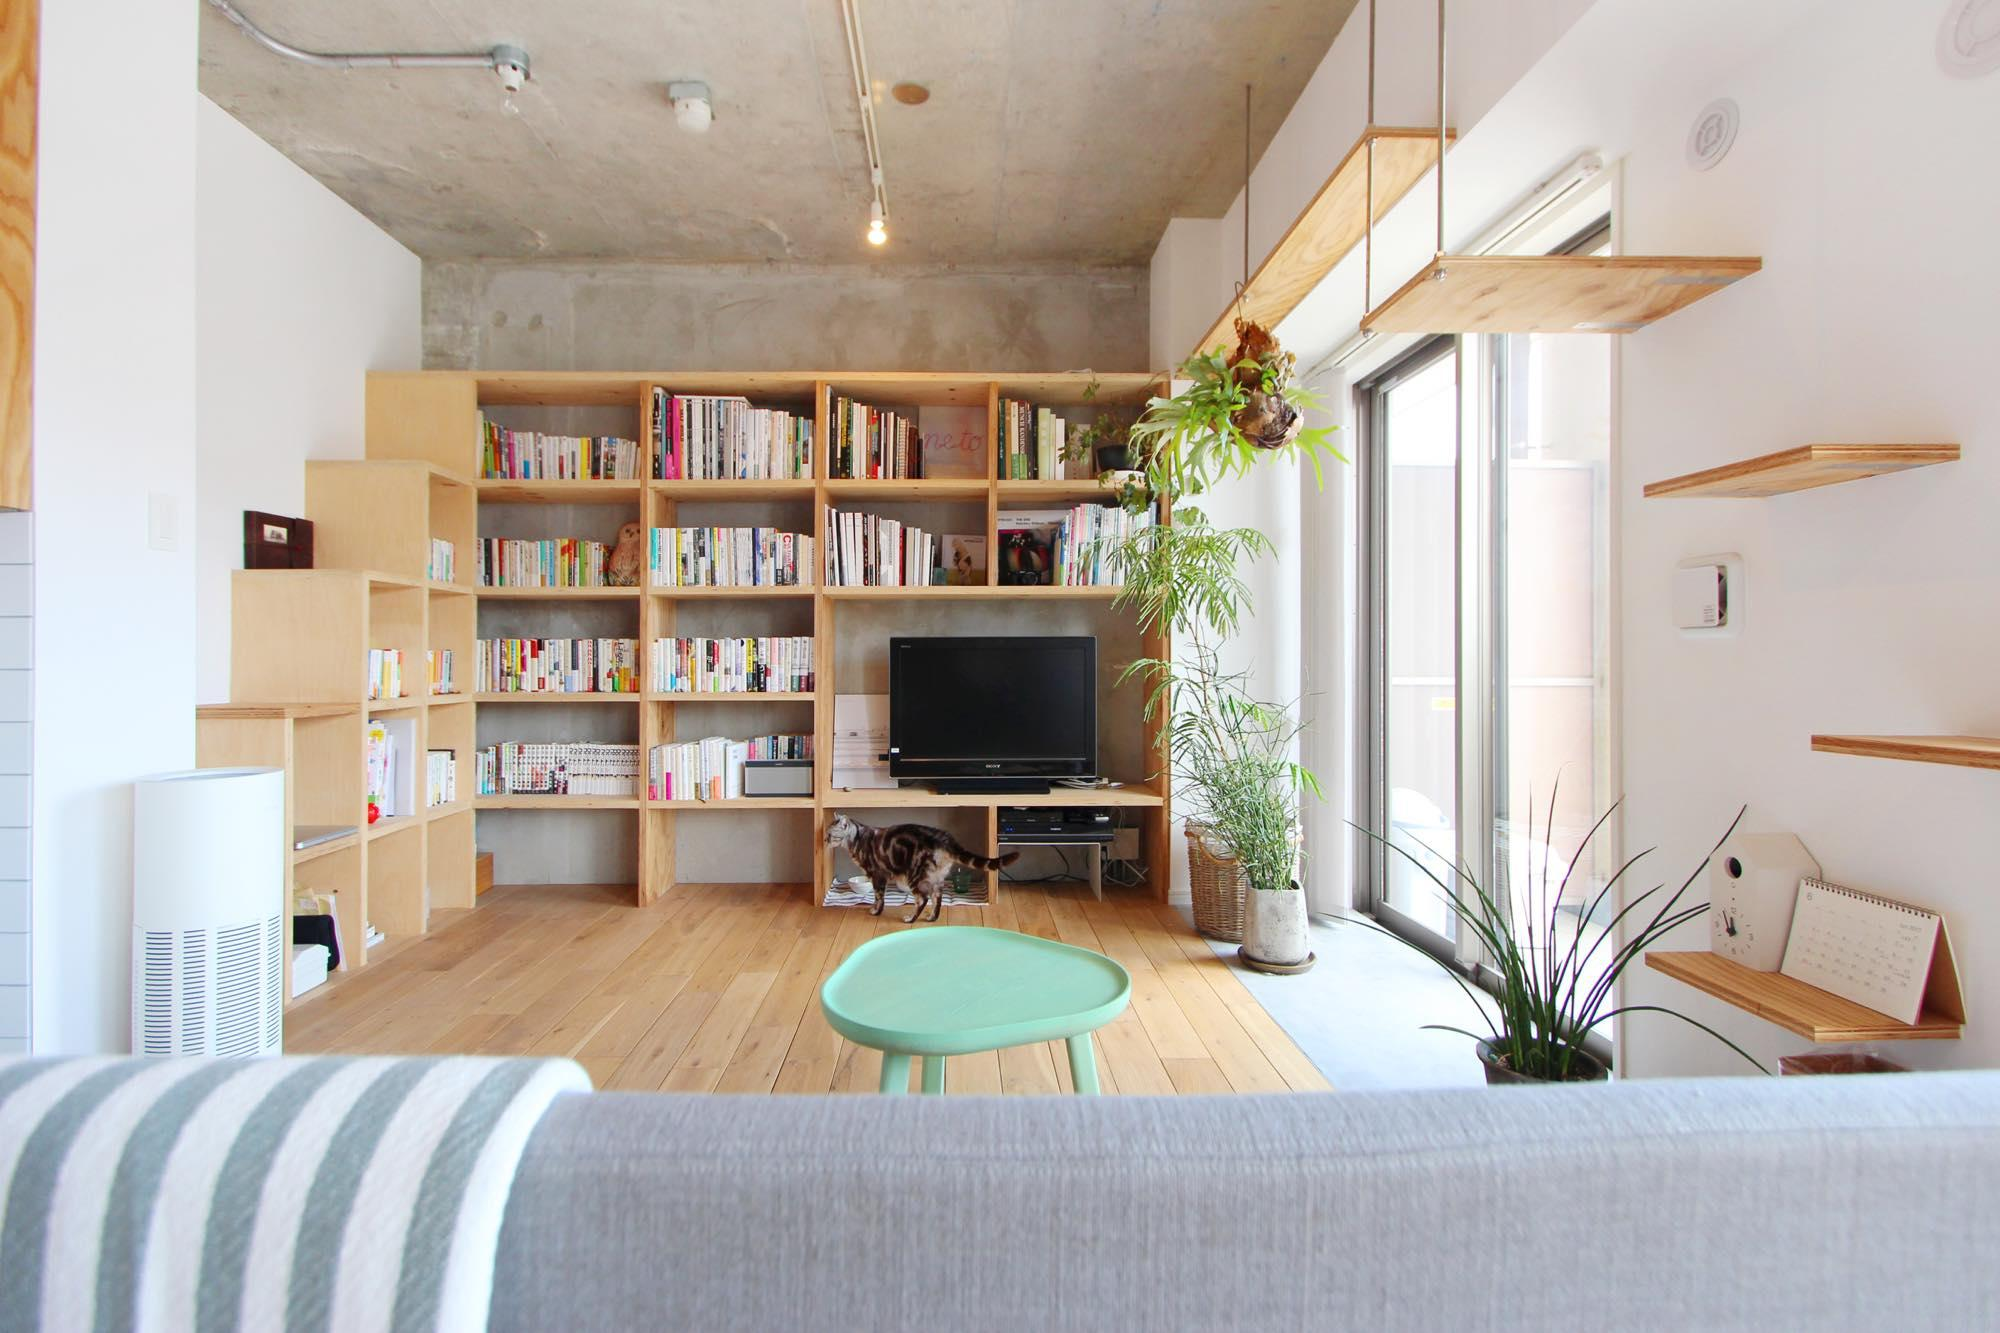 造作のテレビ台も兼ねた本棚は、背板はつけずにコンクリートの素材を活かしたデザイン。